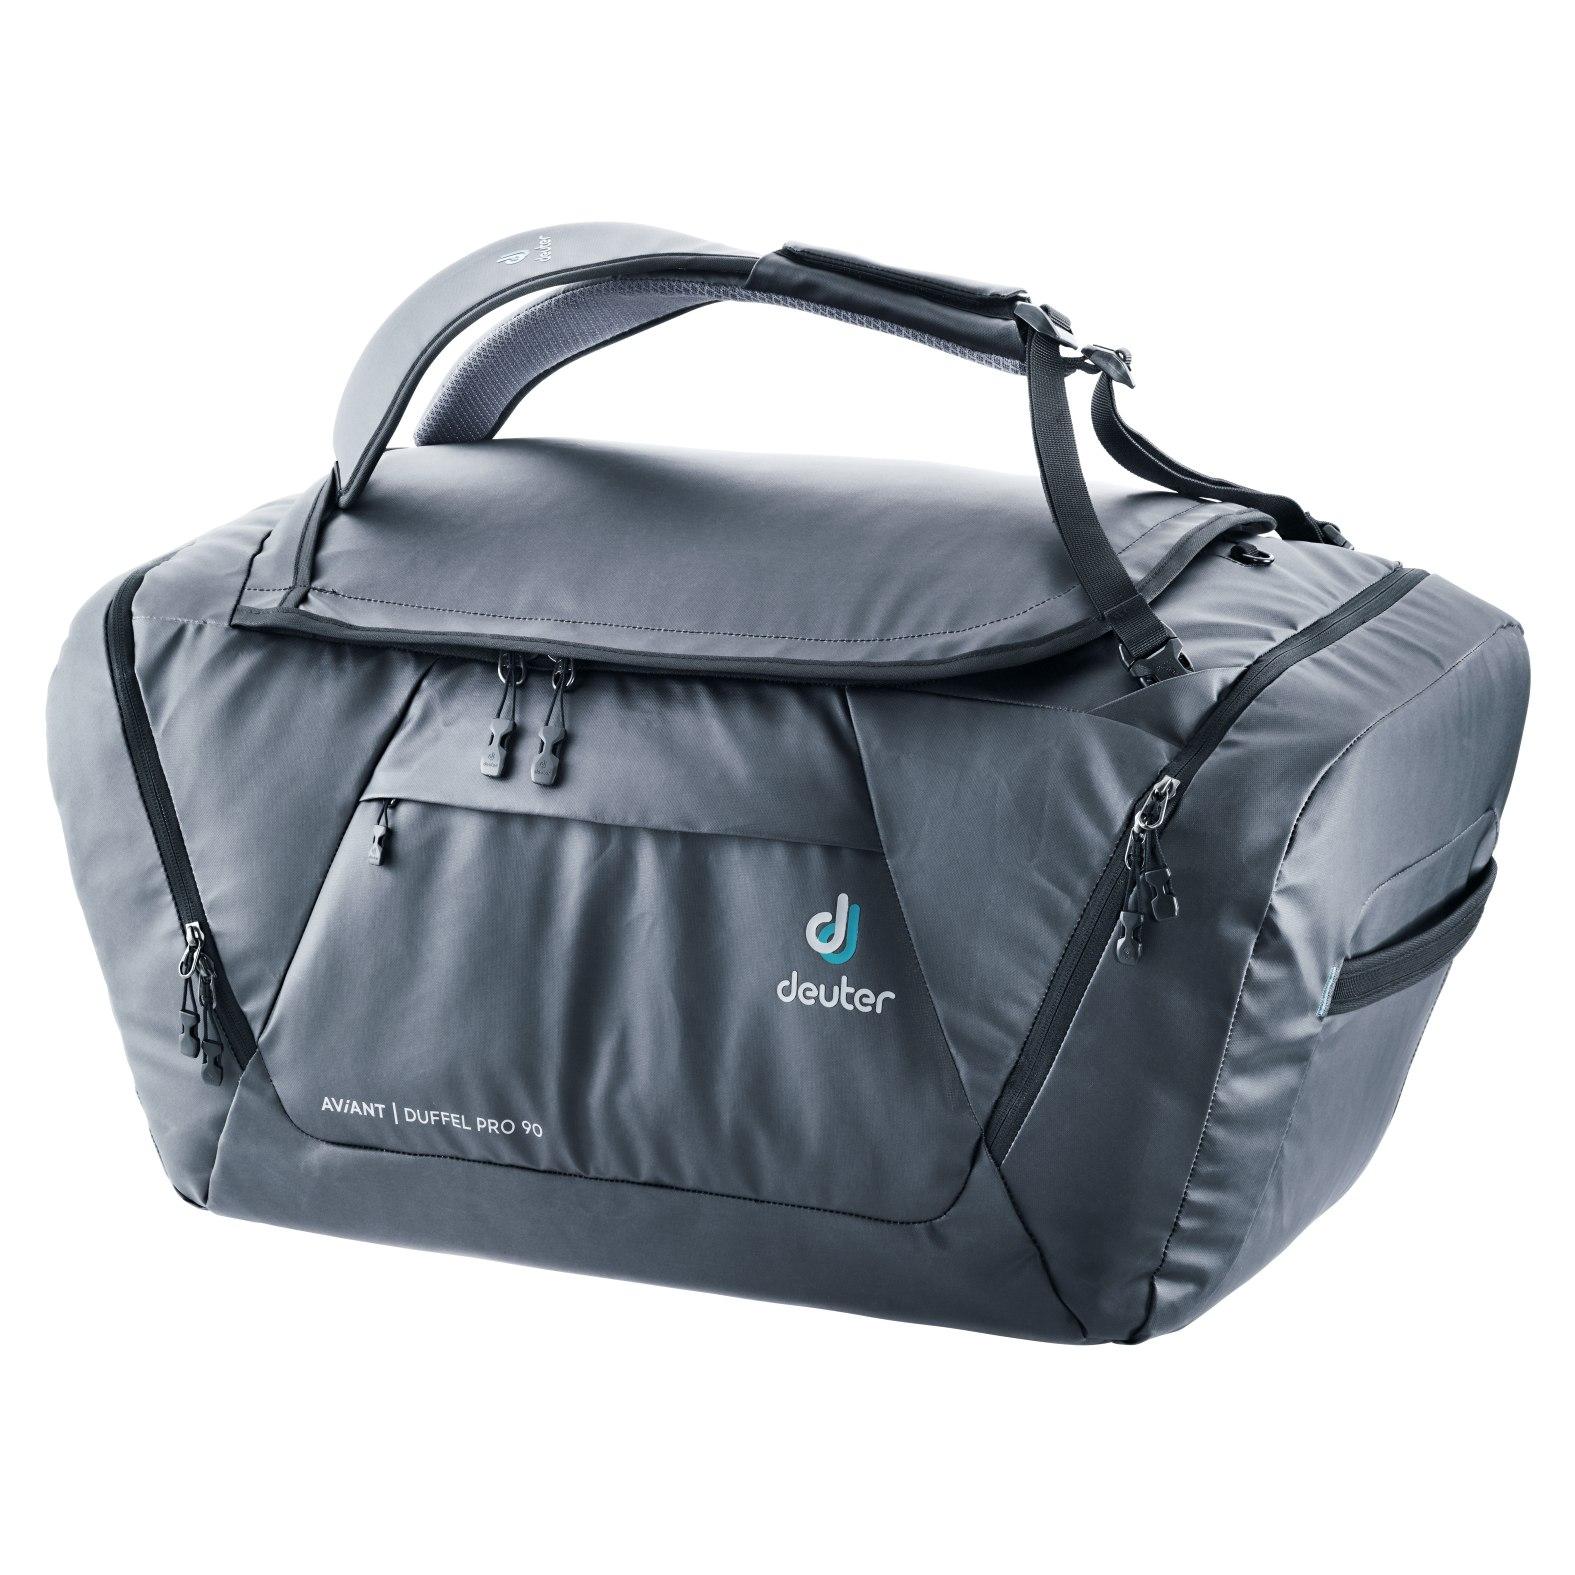 Produktbild von Deuter AViANT Duffel Pro 90 Tasche - black